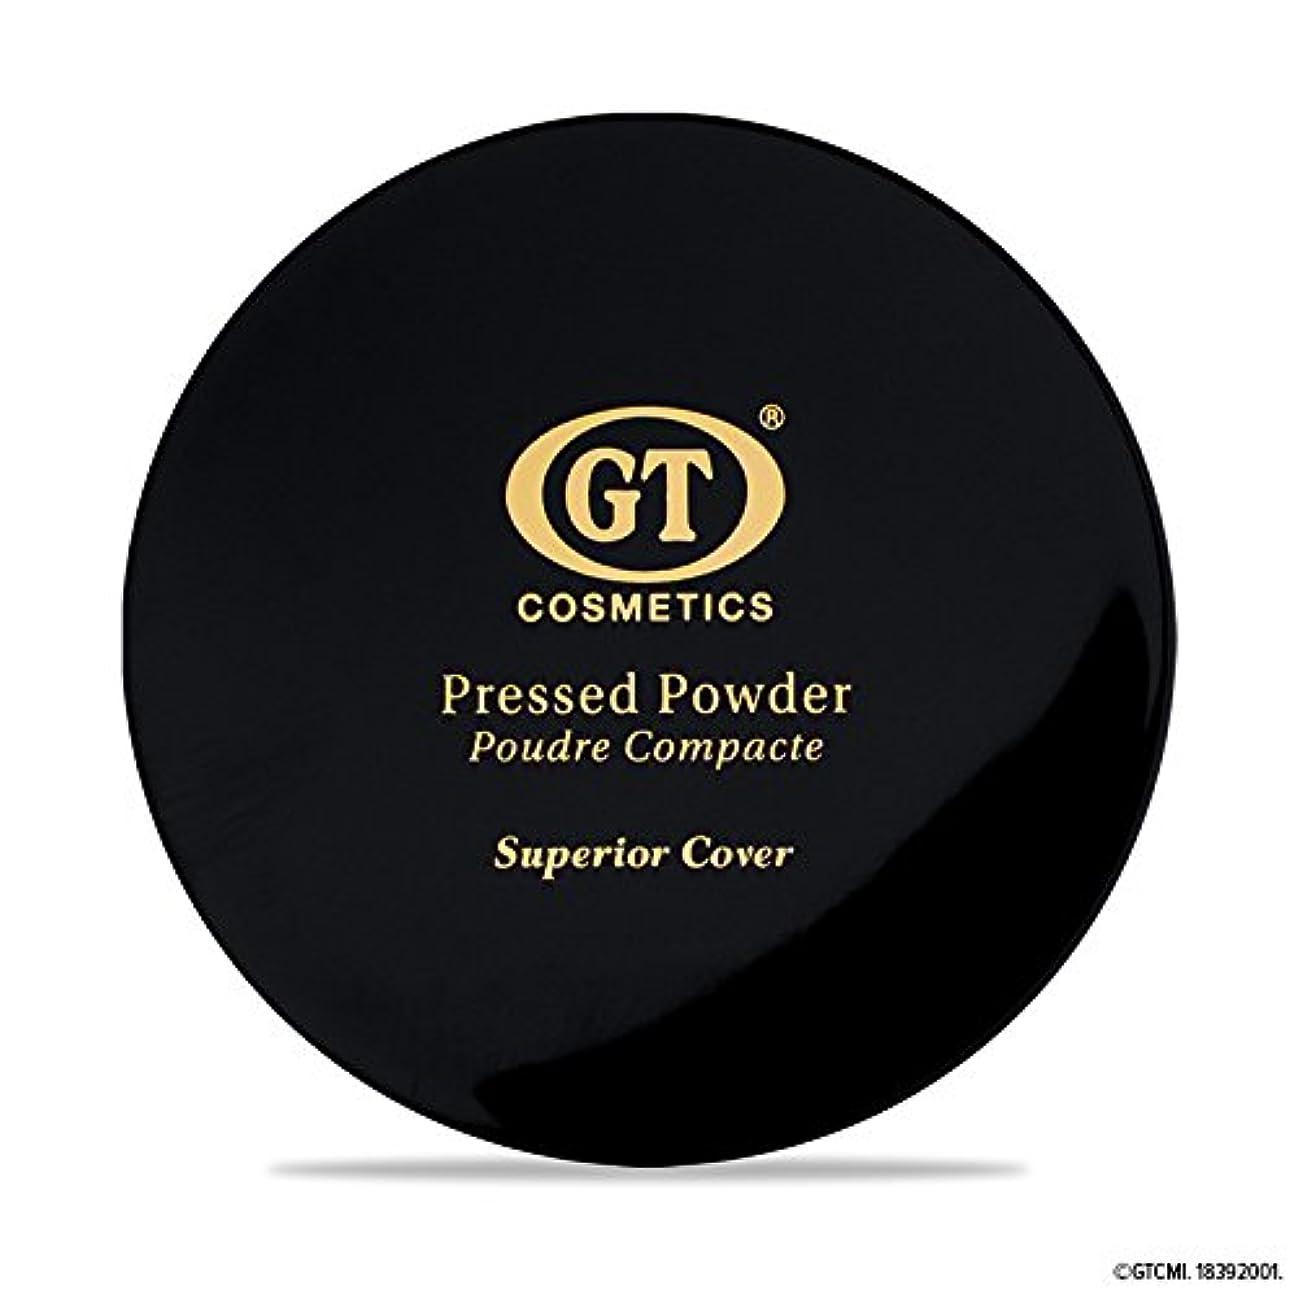 矩形集計遠足GTpressed powder ナチュラルベージュ SPF20 正規輸入代理店 日本初上陸 コスメティック オーガニック ファンデーション